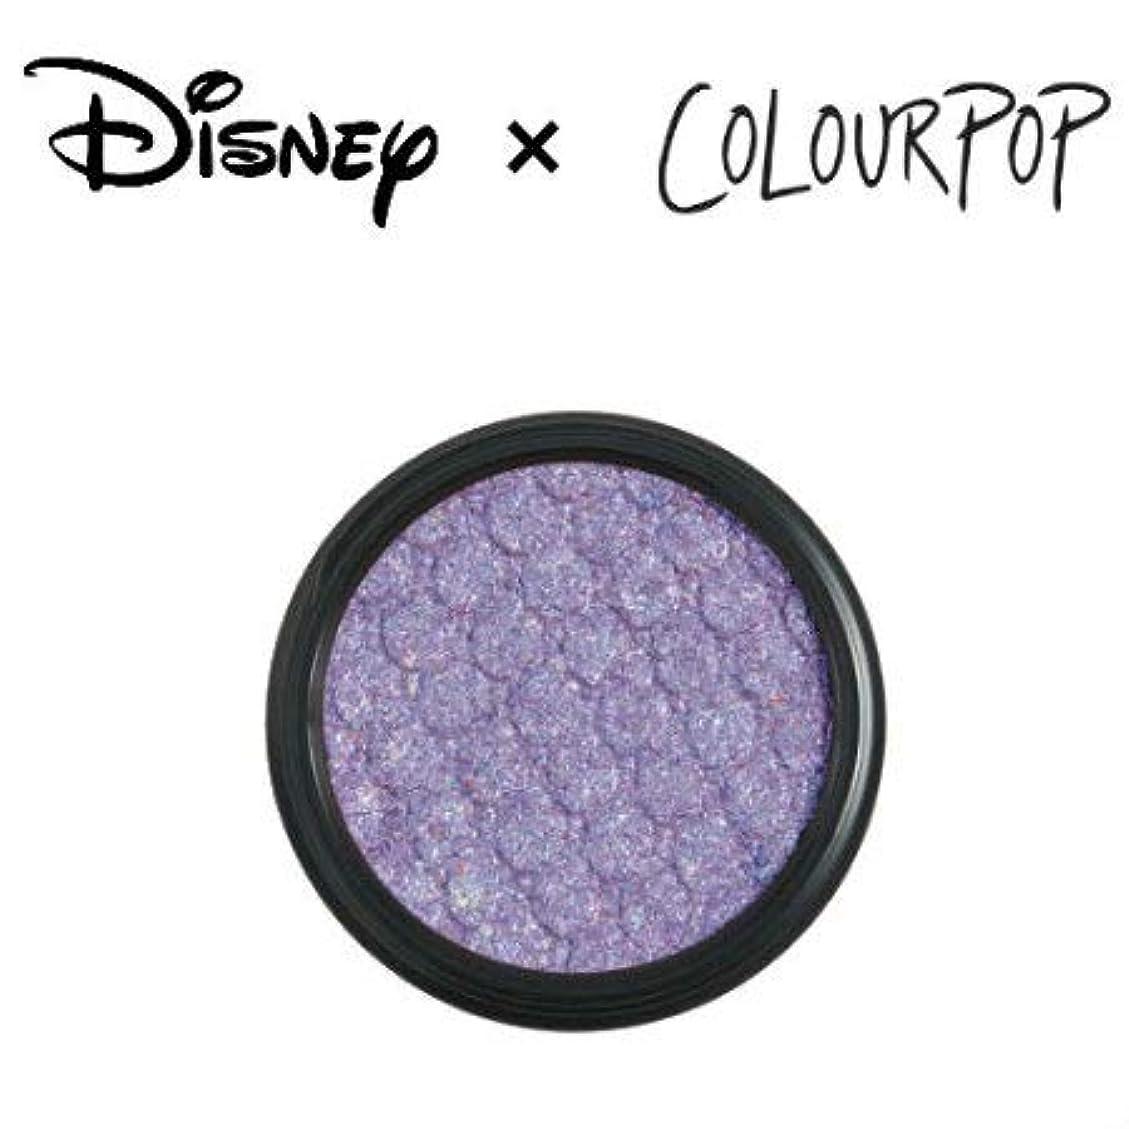 チューブ回転させる時代カラーポップ COLOURPOP x DISNEY ディズニー プリンセス アイシャドウ A WHOLE NEW WORLD(アイシーラベンダー)